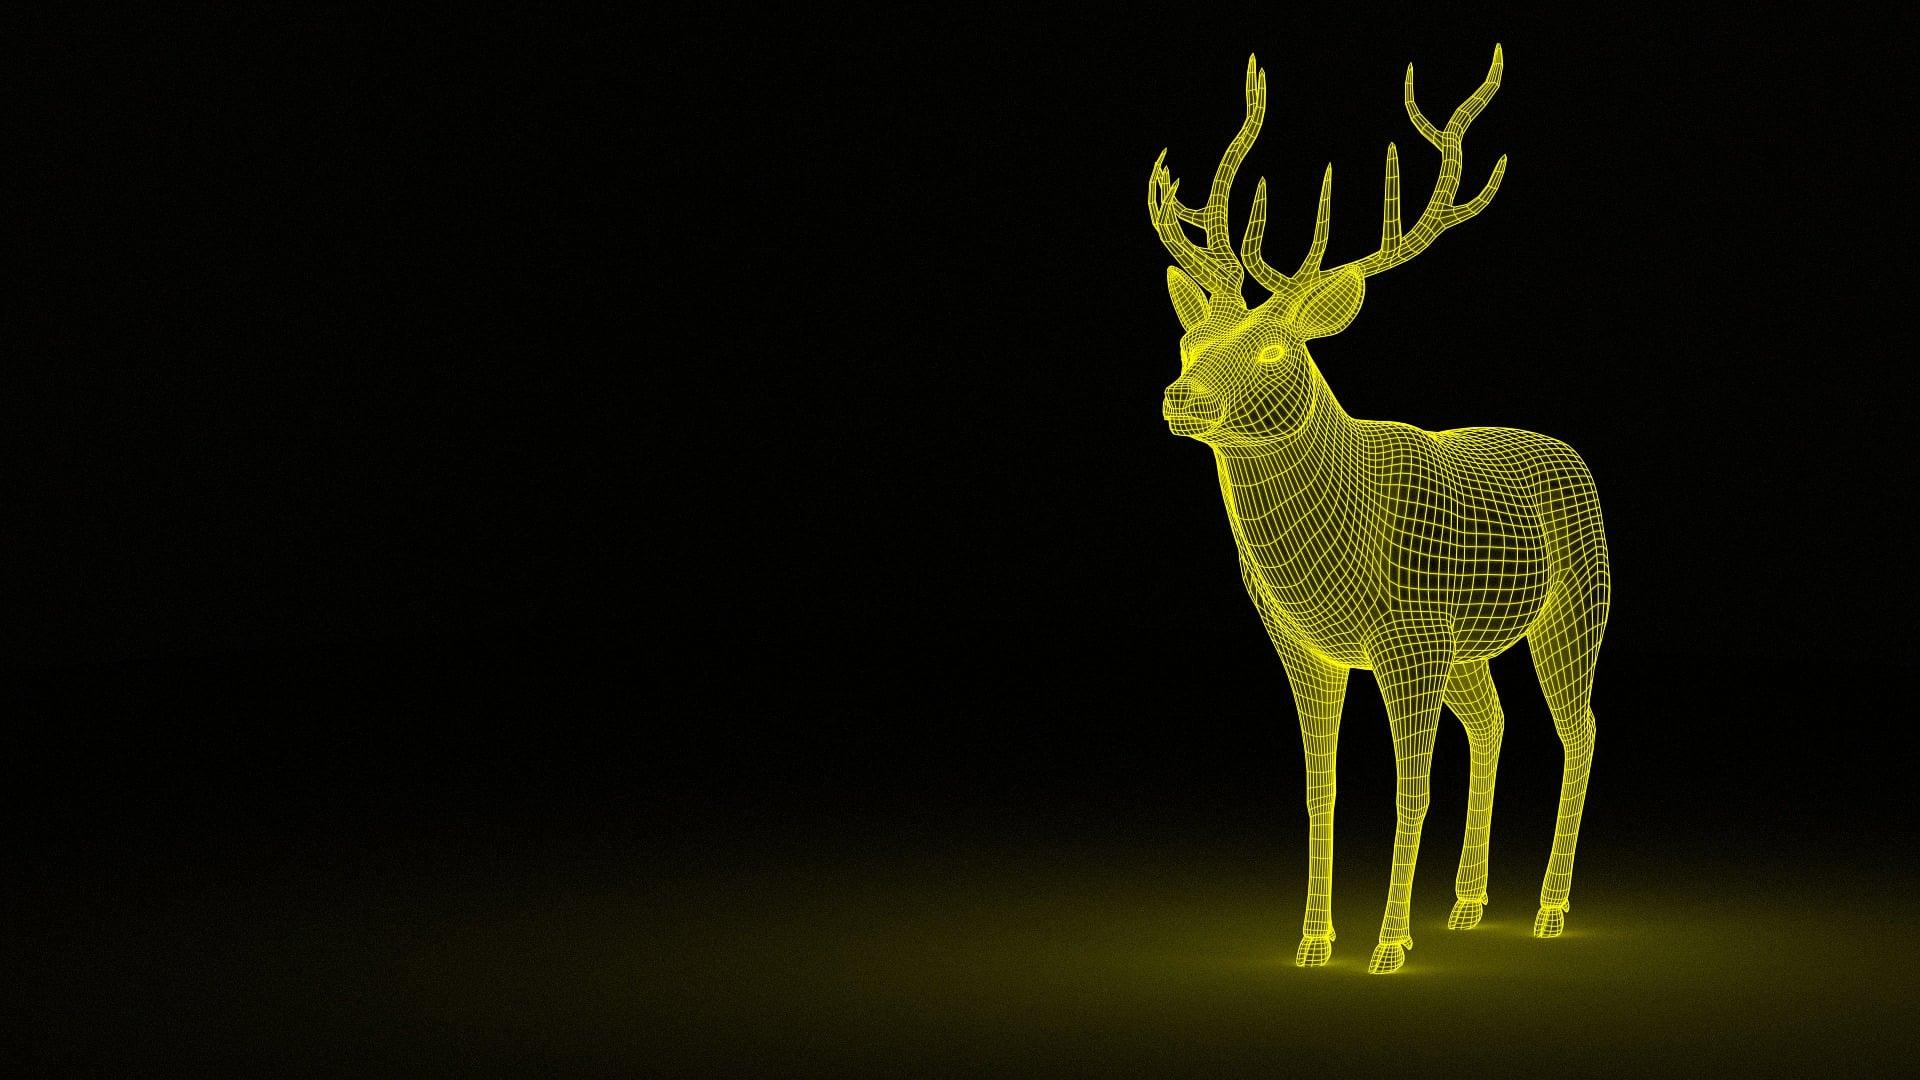 deer-image